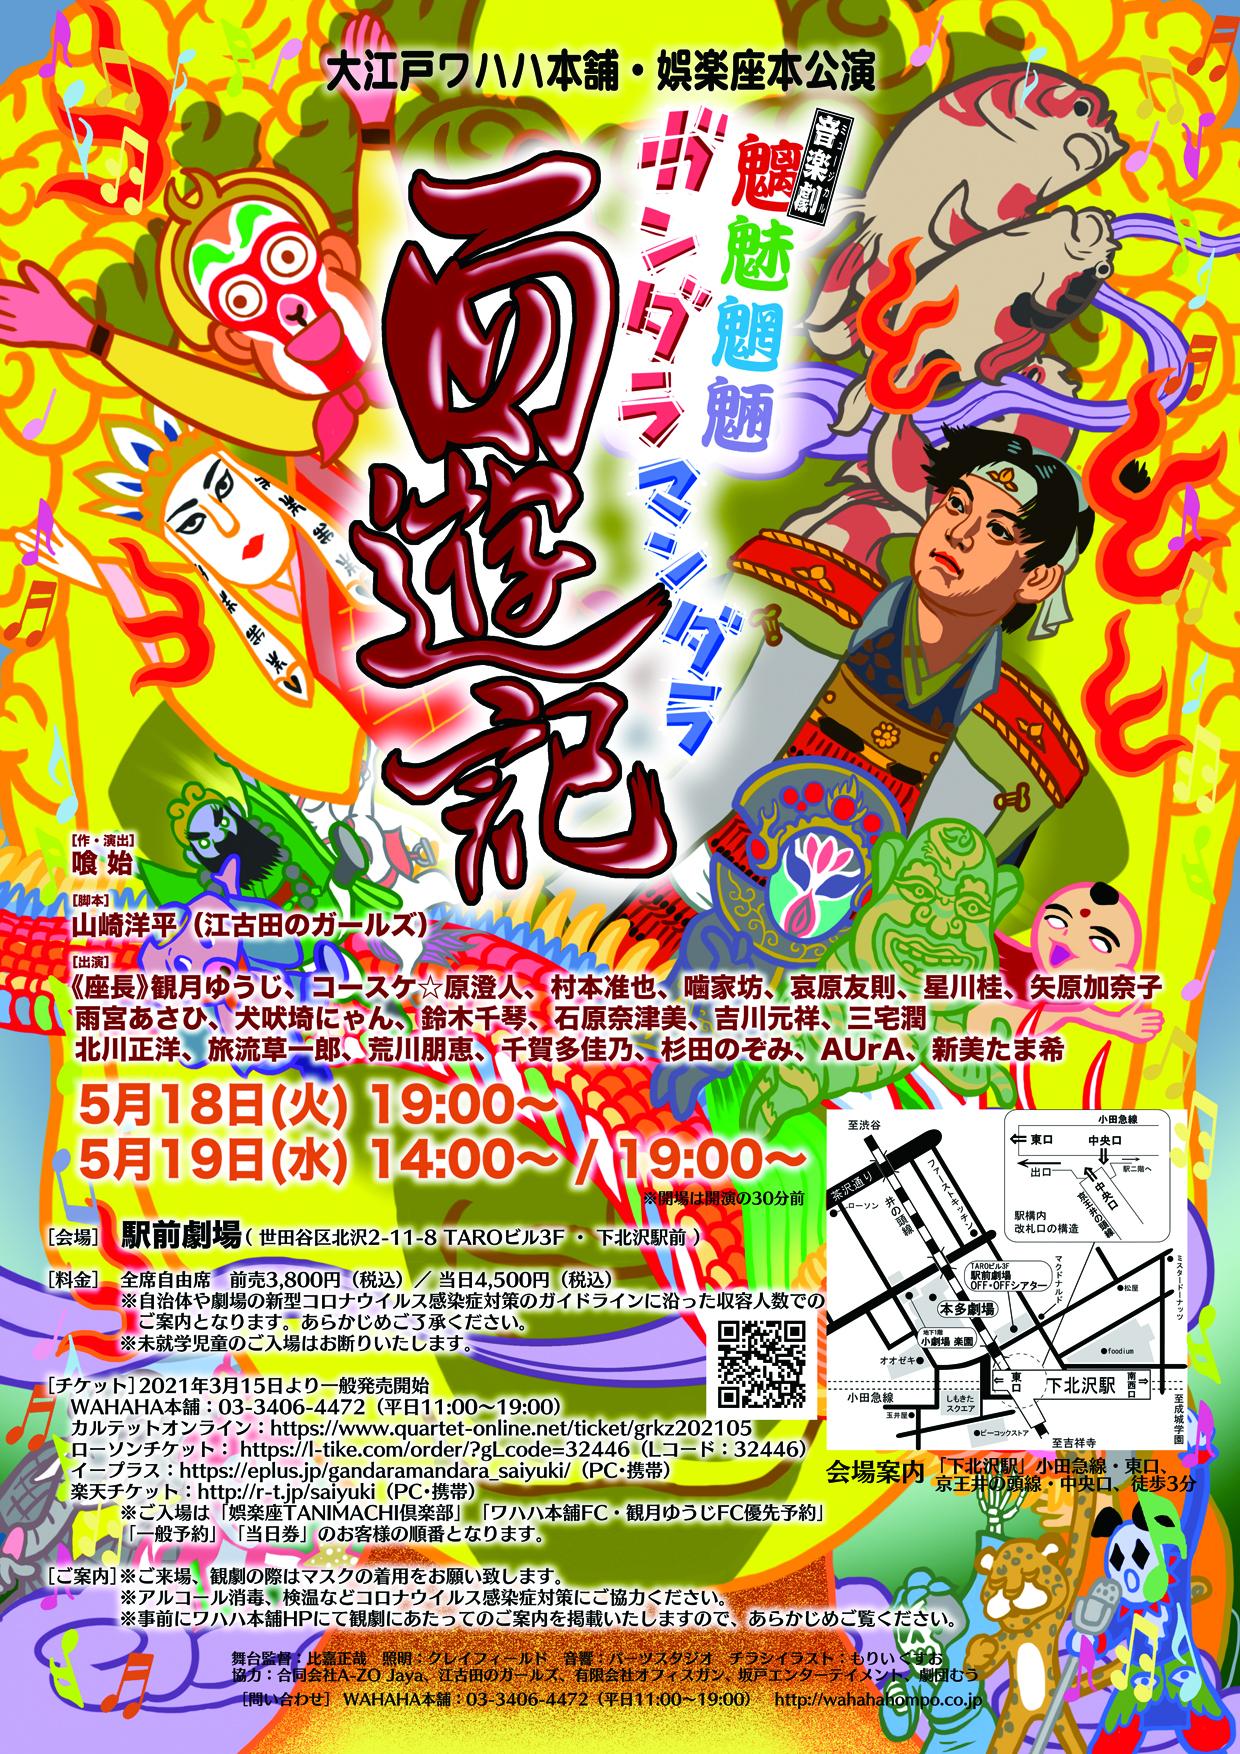 《娯楽座次回公演》「ミュージカル 魑魅魍魎ガンダラマンダラ西遊記」<再演>